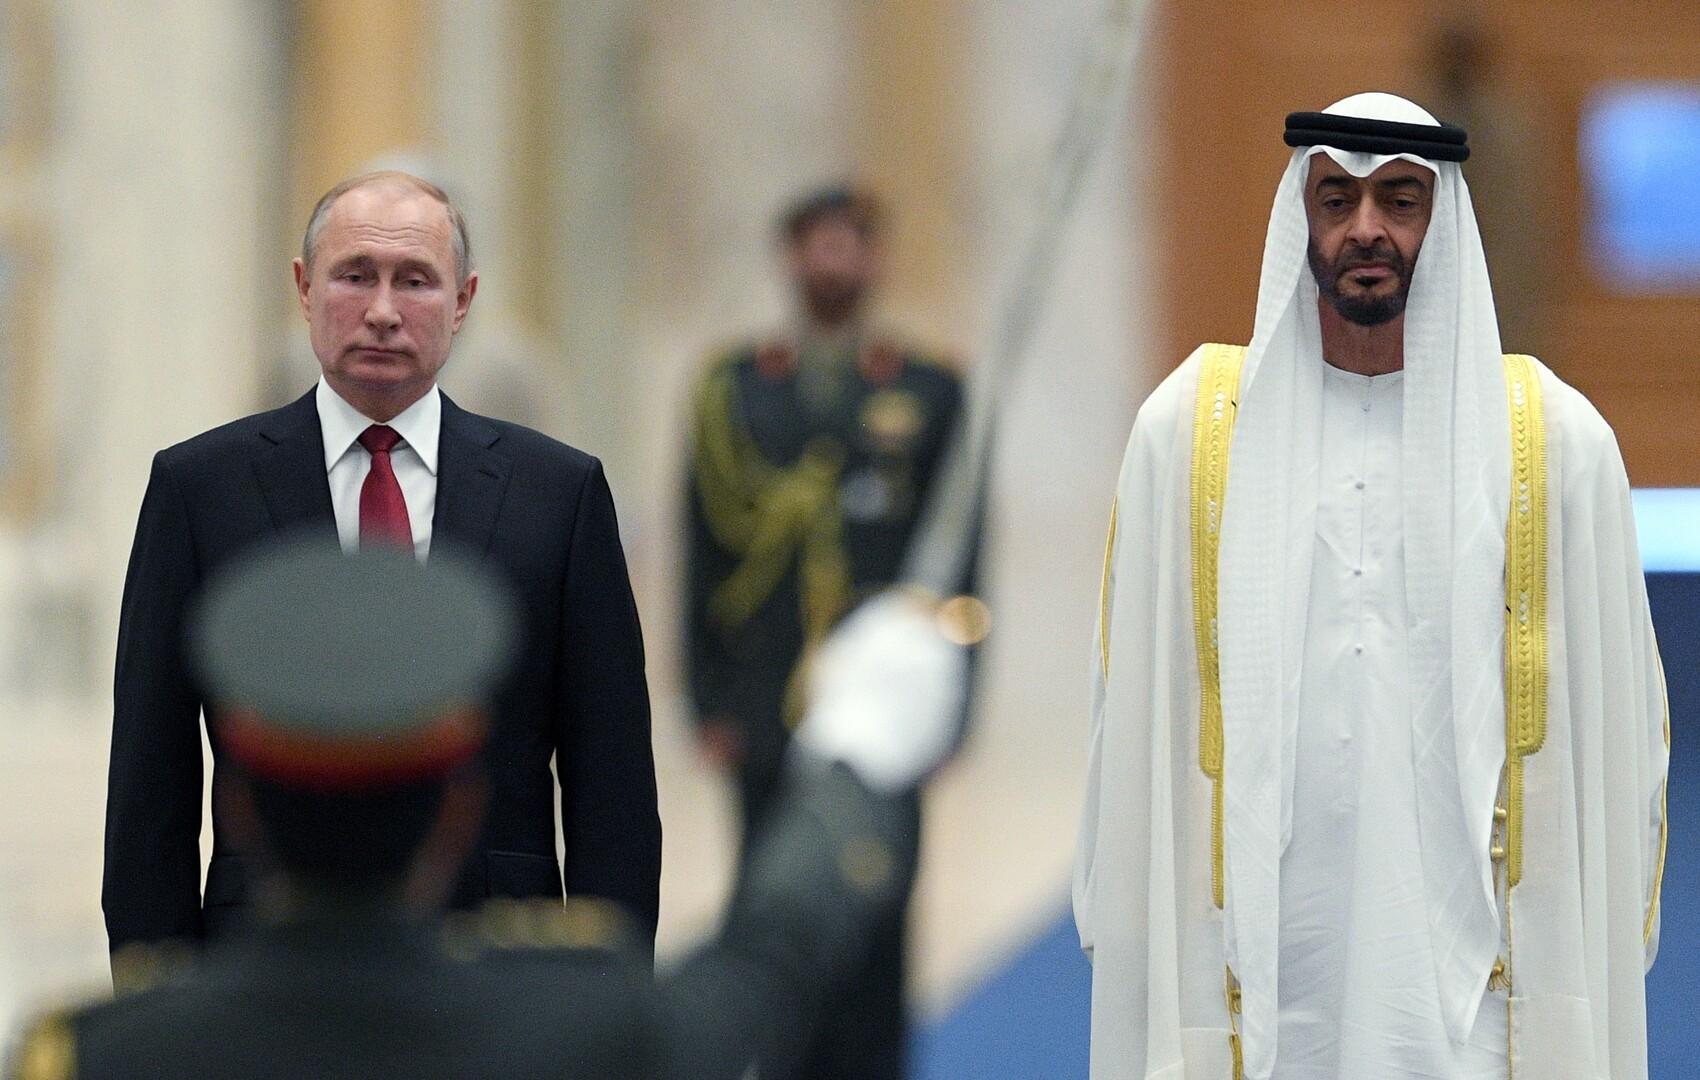 الرئيس الروسي فلاديمير بوتين وولي عهد أبوظبي محمد بن زايد آل نهيان